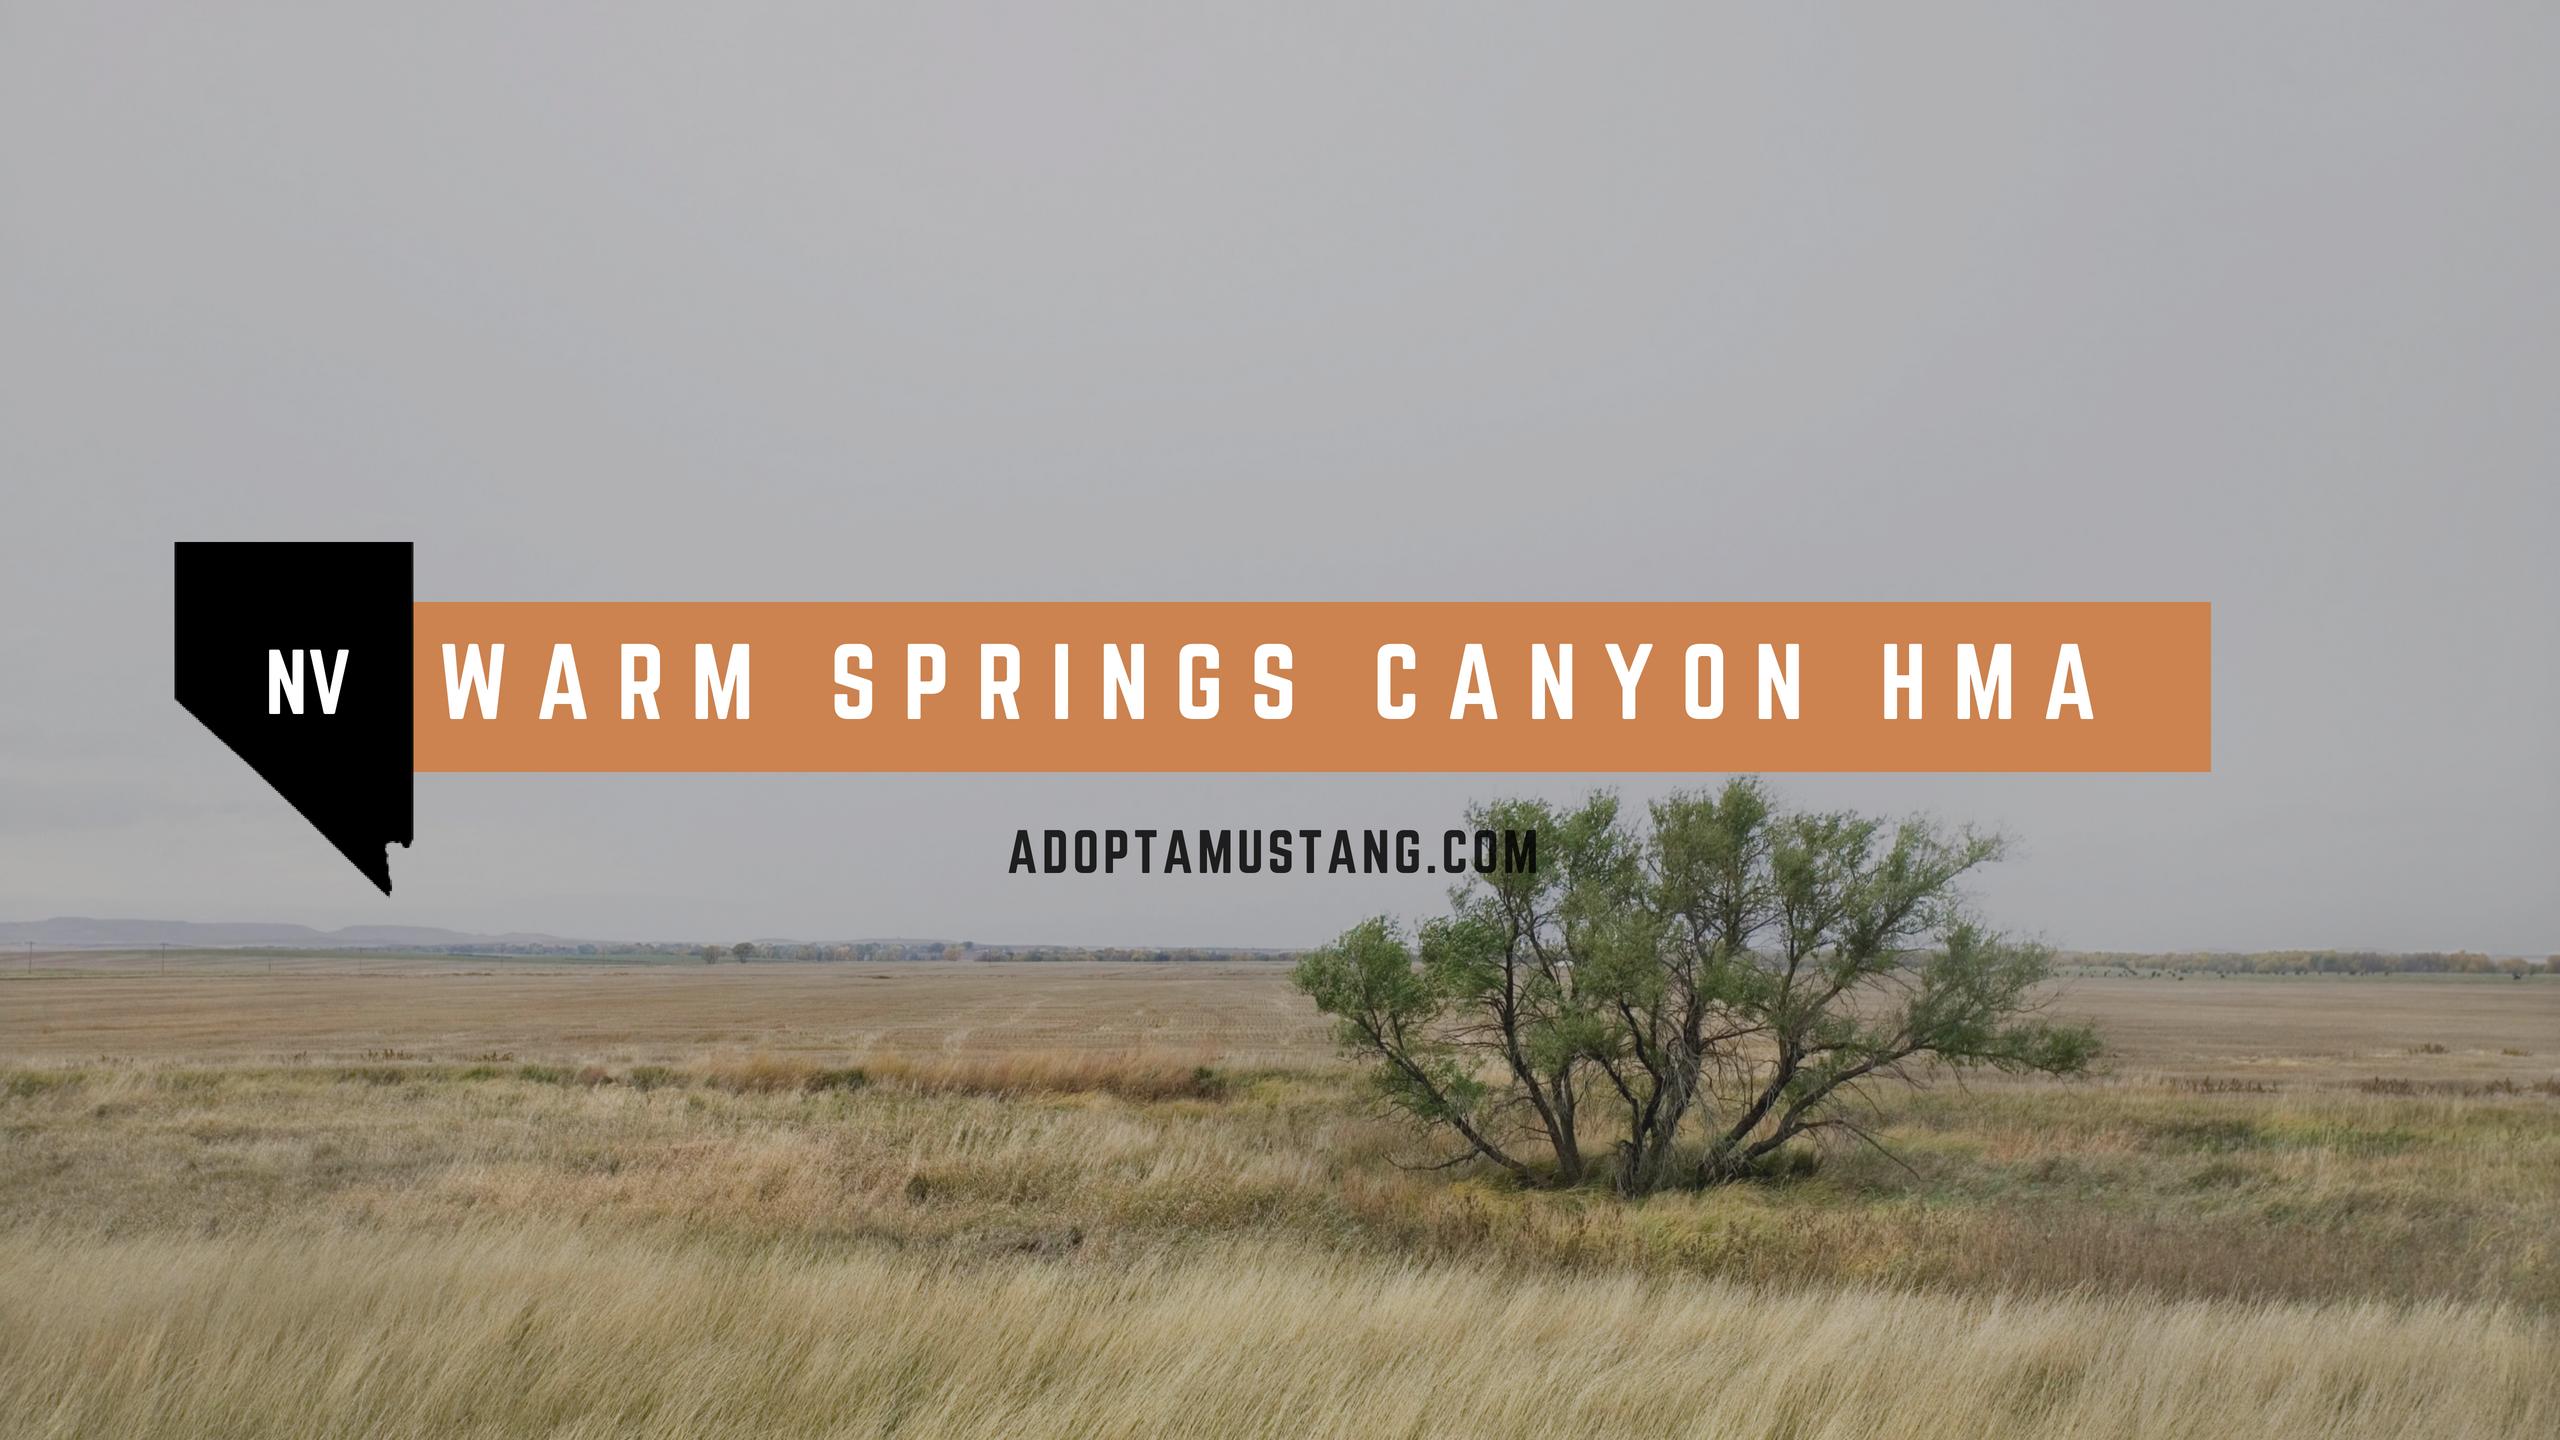 Warm Springs Canyon HMA